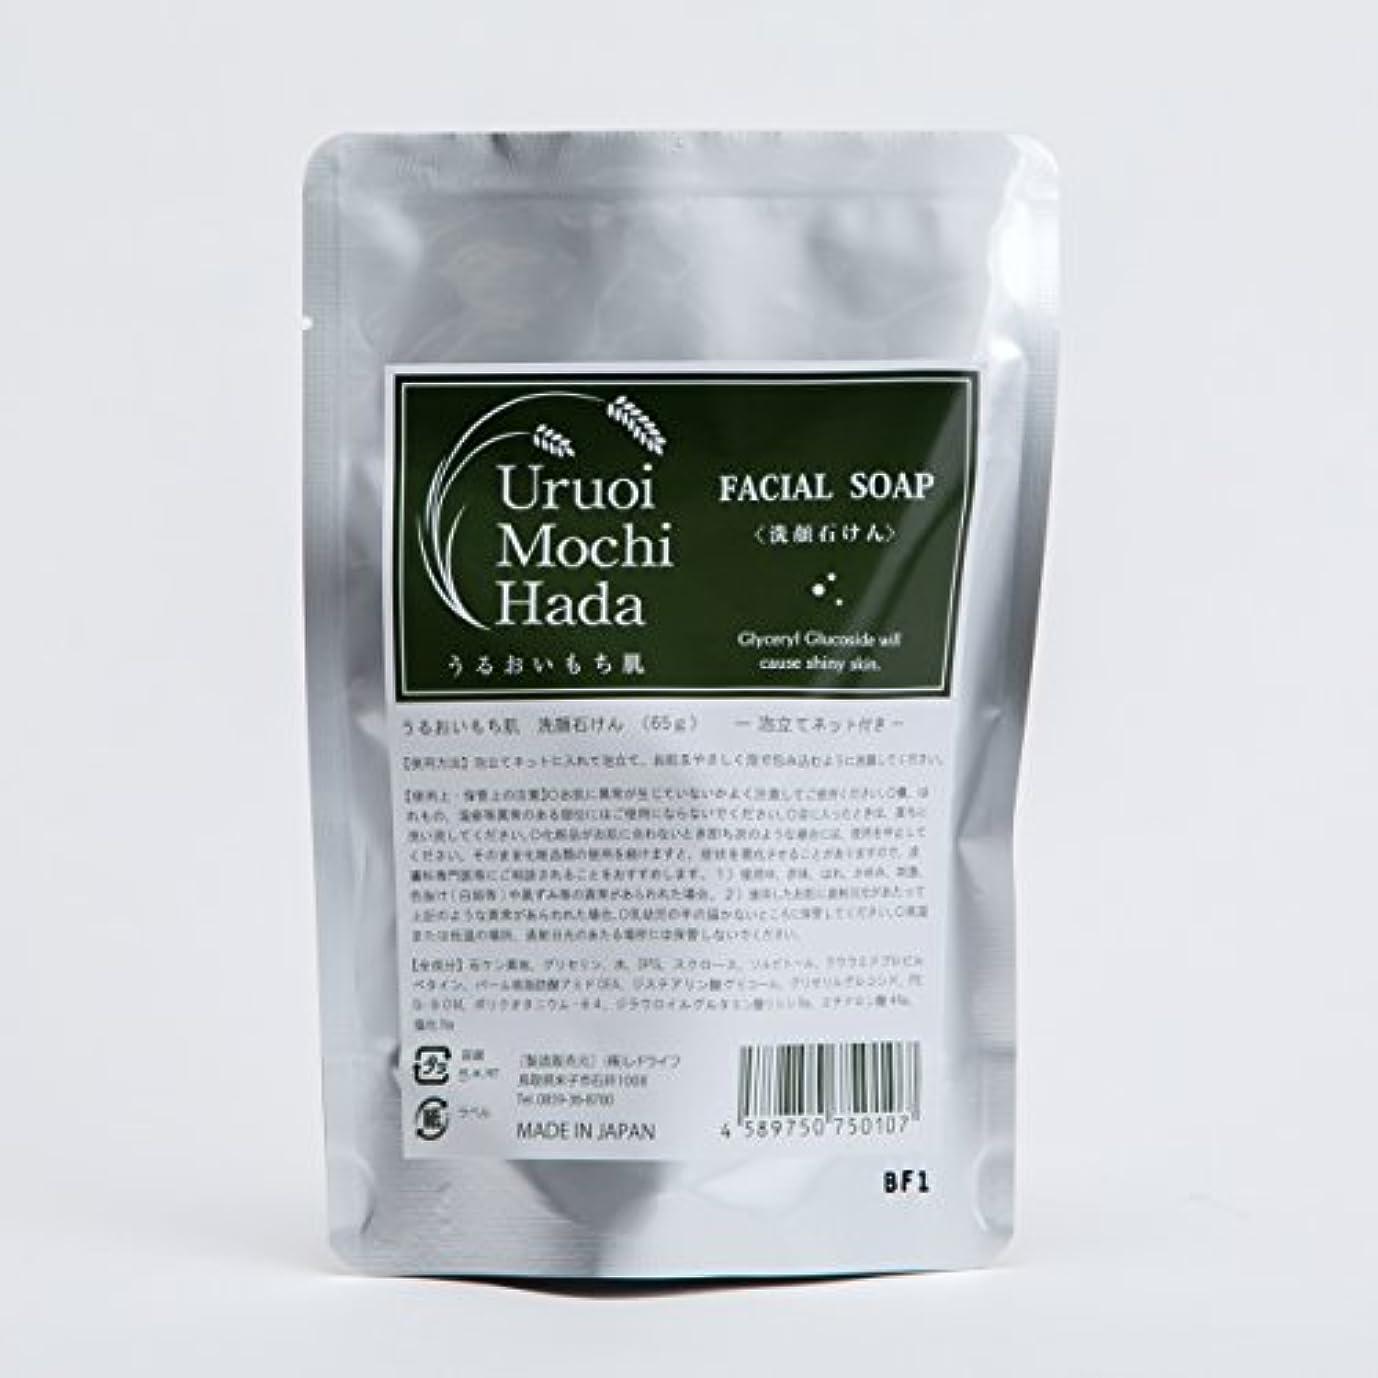 協力的ゲージ乱気流うるおいもち肌 洗顔石けん(泡立てネット付き) 65g 「日本酒保湿成分(グリセリルグルコシド)配合」「4種の天然成分配合:グリセリン、スクロース、ソルビトール、食塩」「無添加:合成香料、合成着色料、鉱物油、シリコン、酸化防止剤、紫外線吸収剤、防腐剤、アルコール」